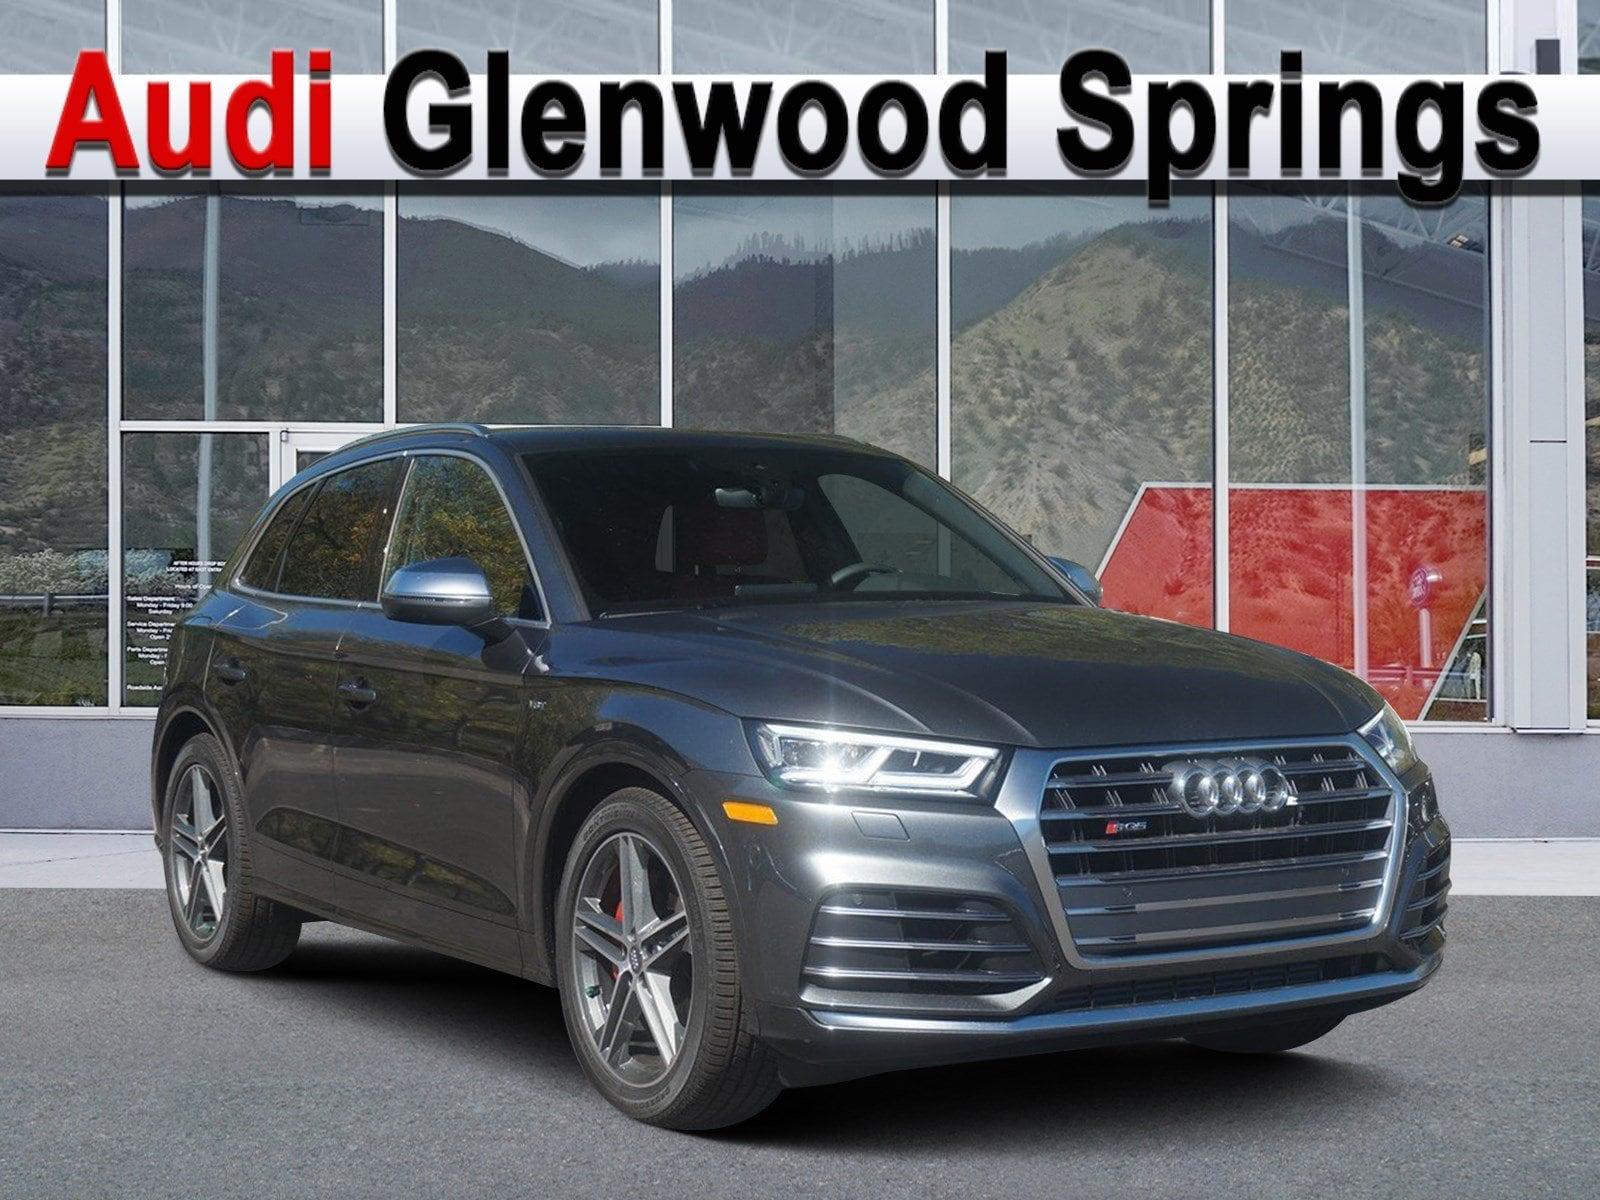 2018 Audi SQ5 3.0T Premium Plus Sport Utility Vehicle